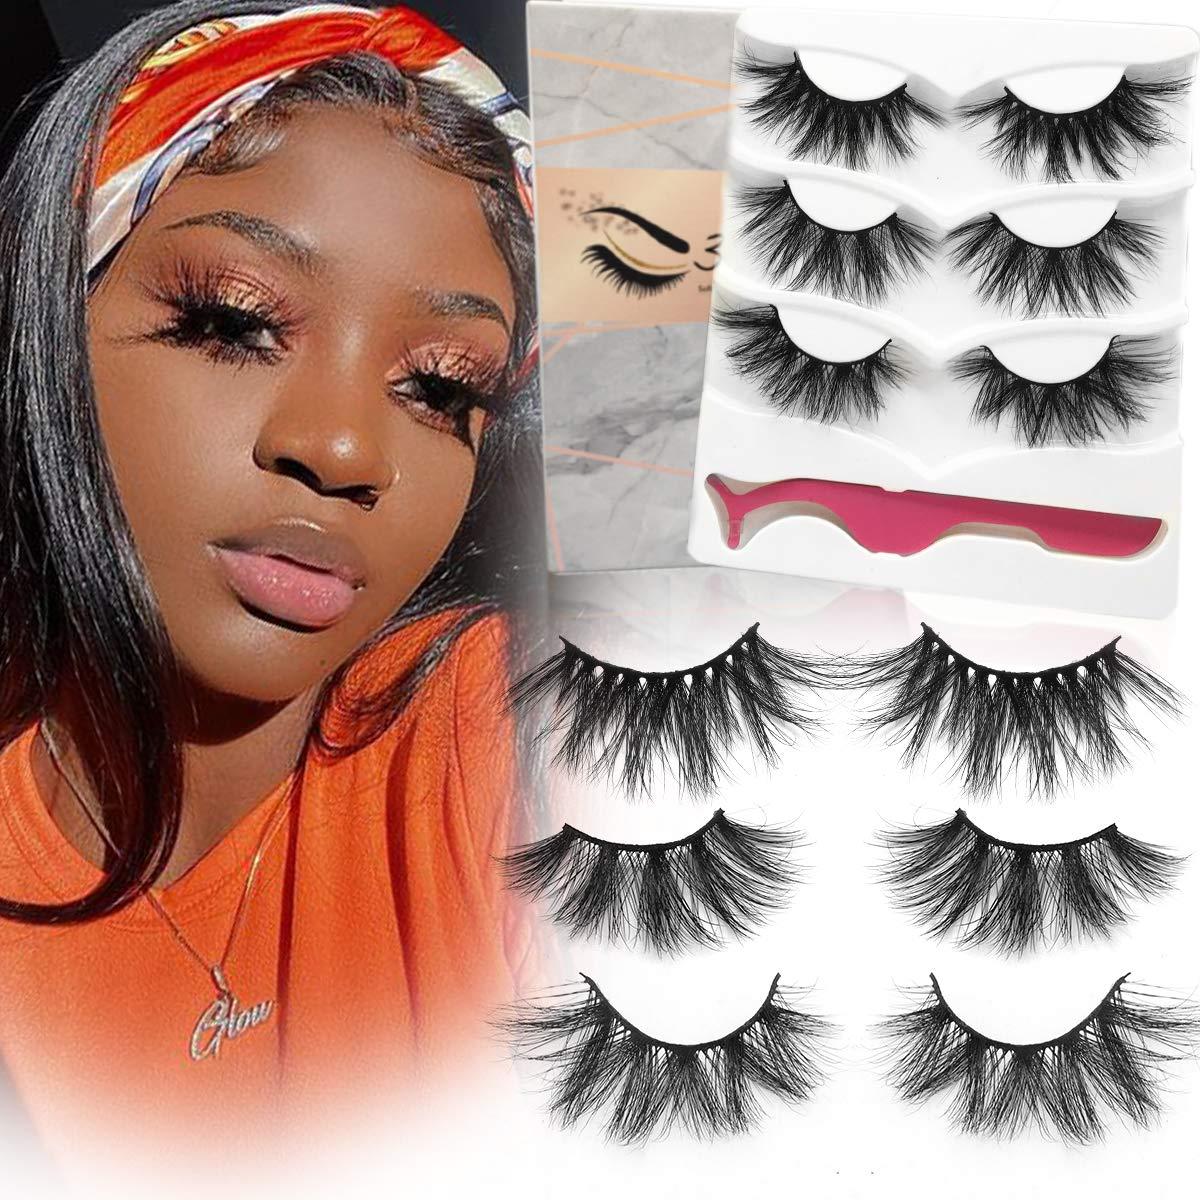 Mink Lashes, 20mm to 25mm Fake Eyelashes, 3 Styles 3 Pairs Pack, Long and Dramatic False Eyelashes for Makeup, Full Strip Fluffy 3D Mink Eyelashes, Handmade Eye Lashes, hotbanana